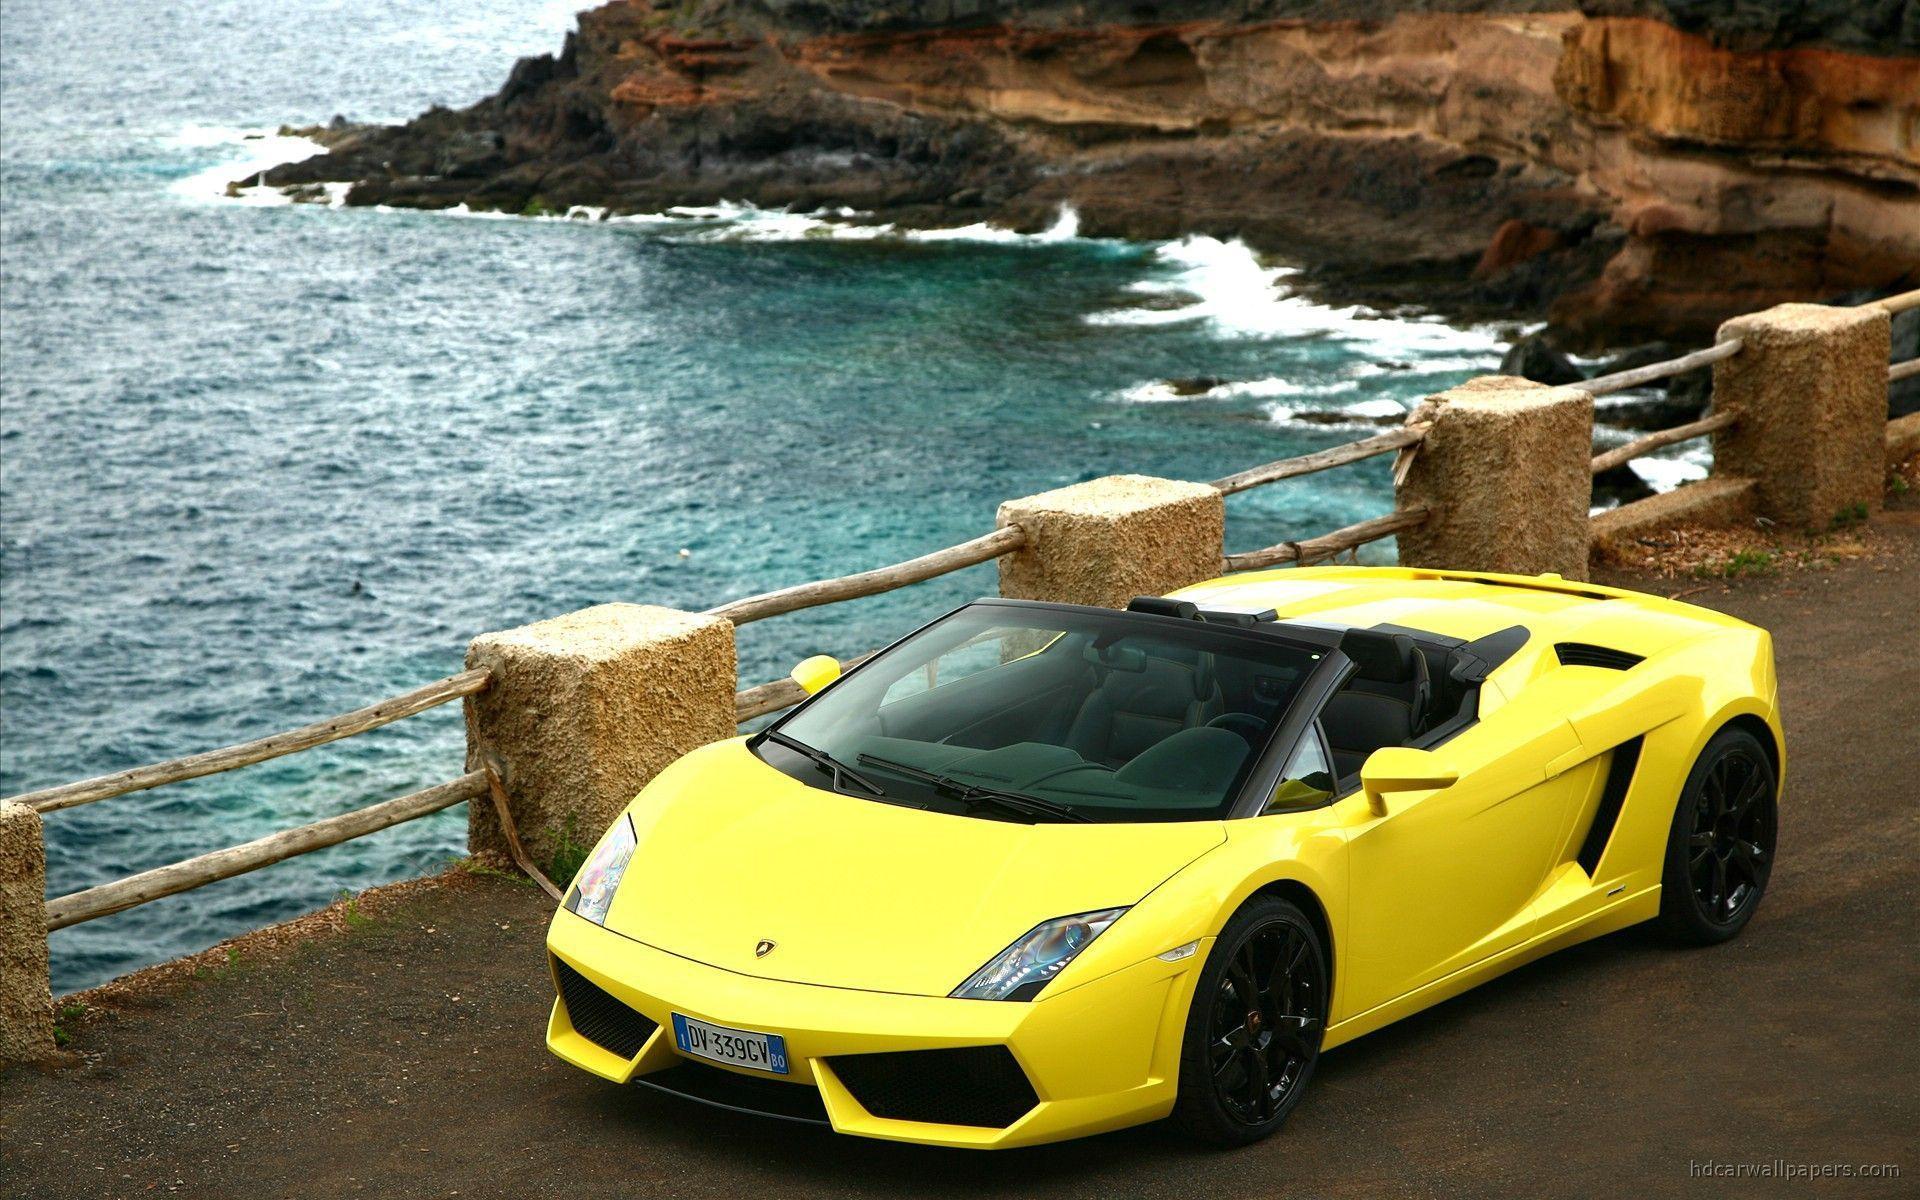 Lovely 2009 Lamborghini Gallardo LP560 4 Spyder 2 Wallpapers | HD Wallpapers Great Ideas